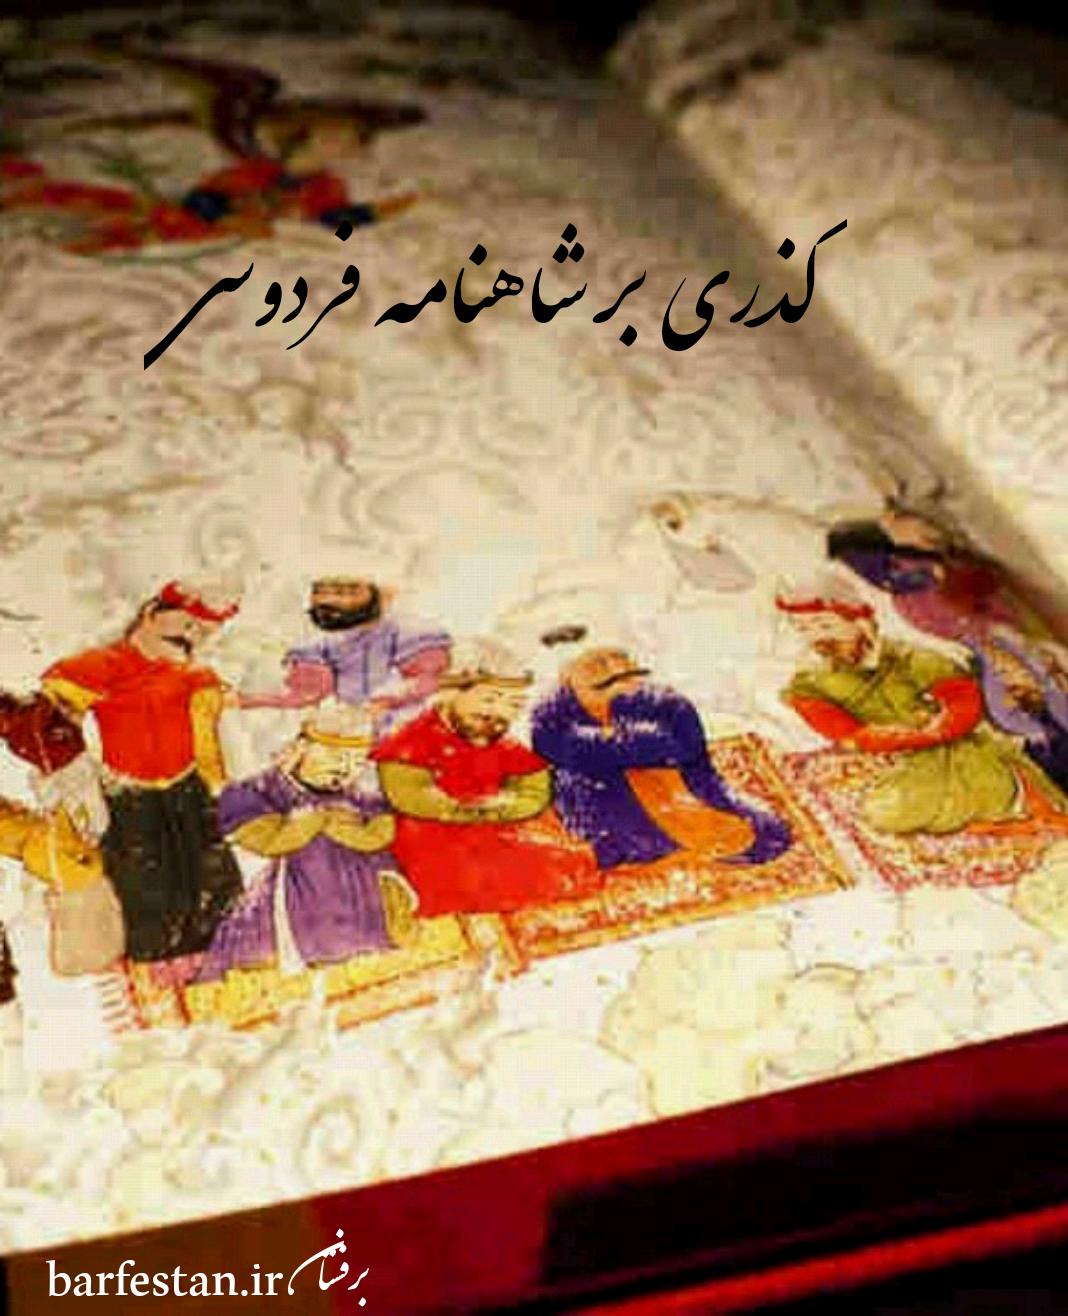 برفستان؛گذری بر شاهنامه فردوسی(قسمت چهارم)